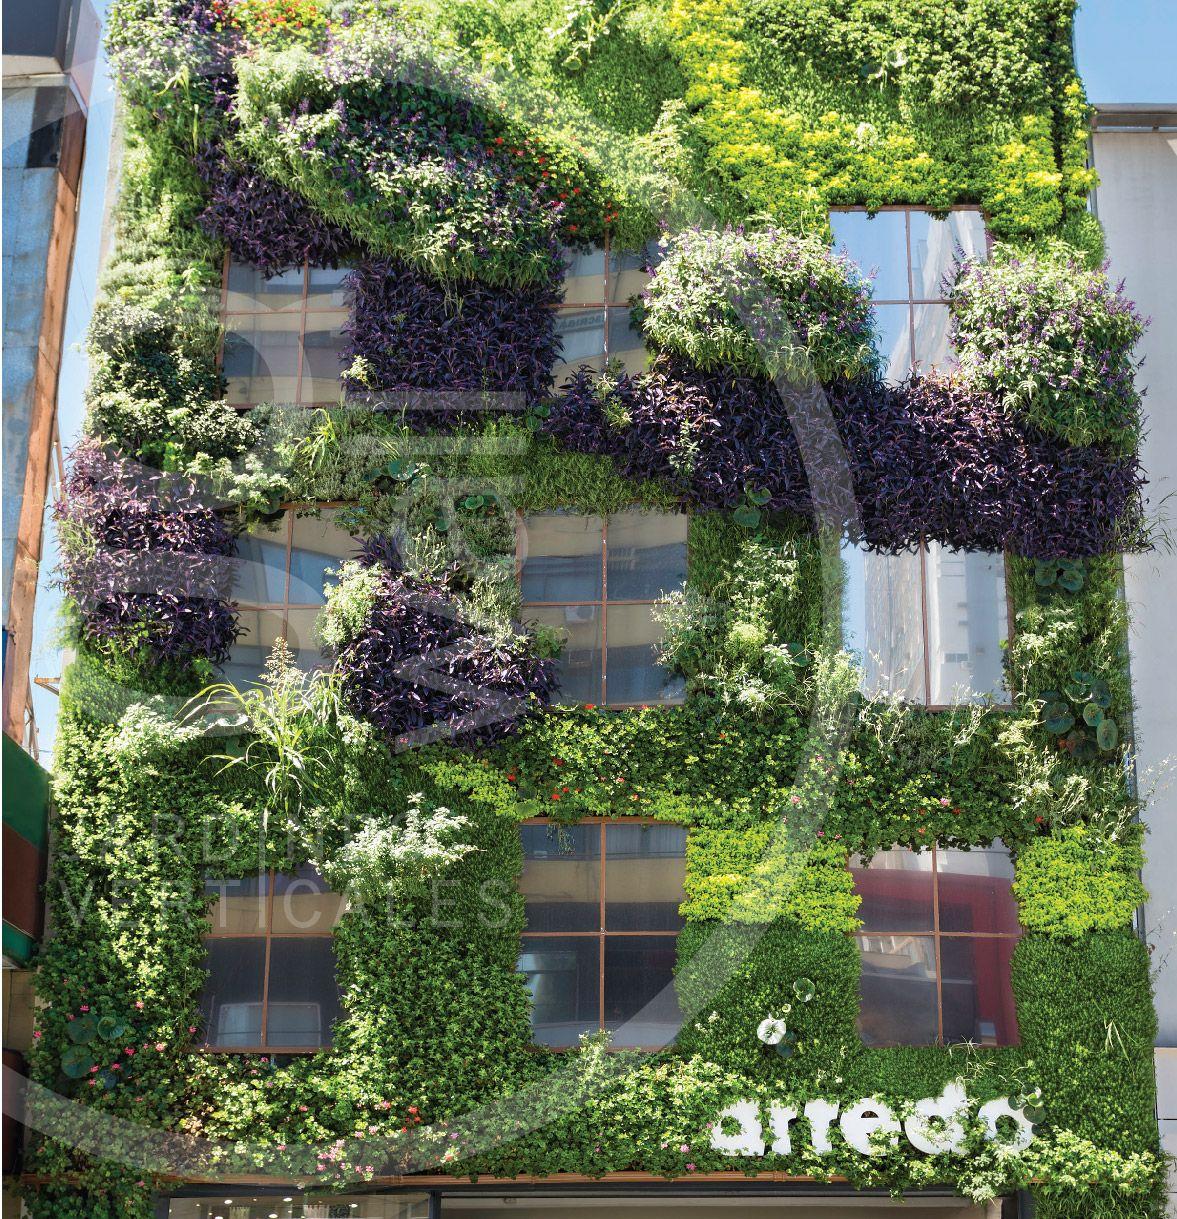 Jard n vertical arredo av cabildo 2200 buenos aires for Jardines verticales buenos aires